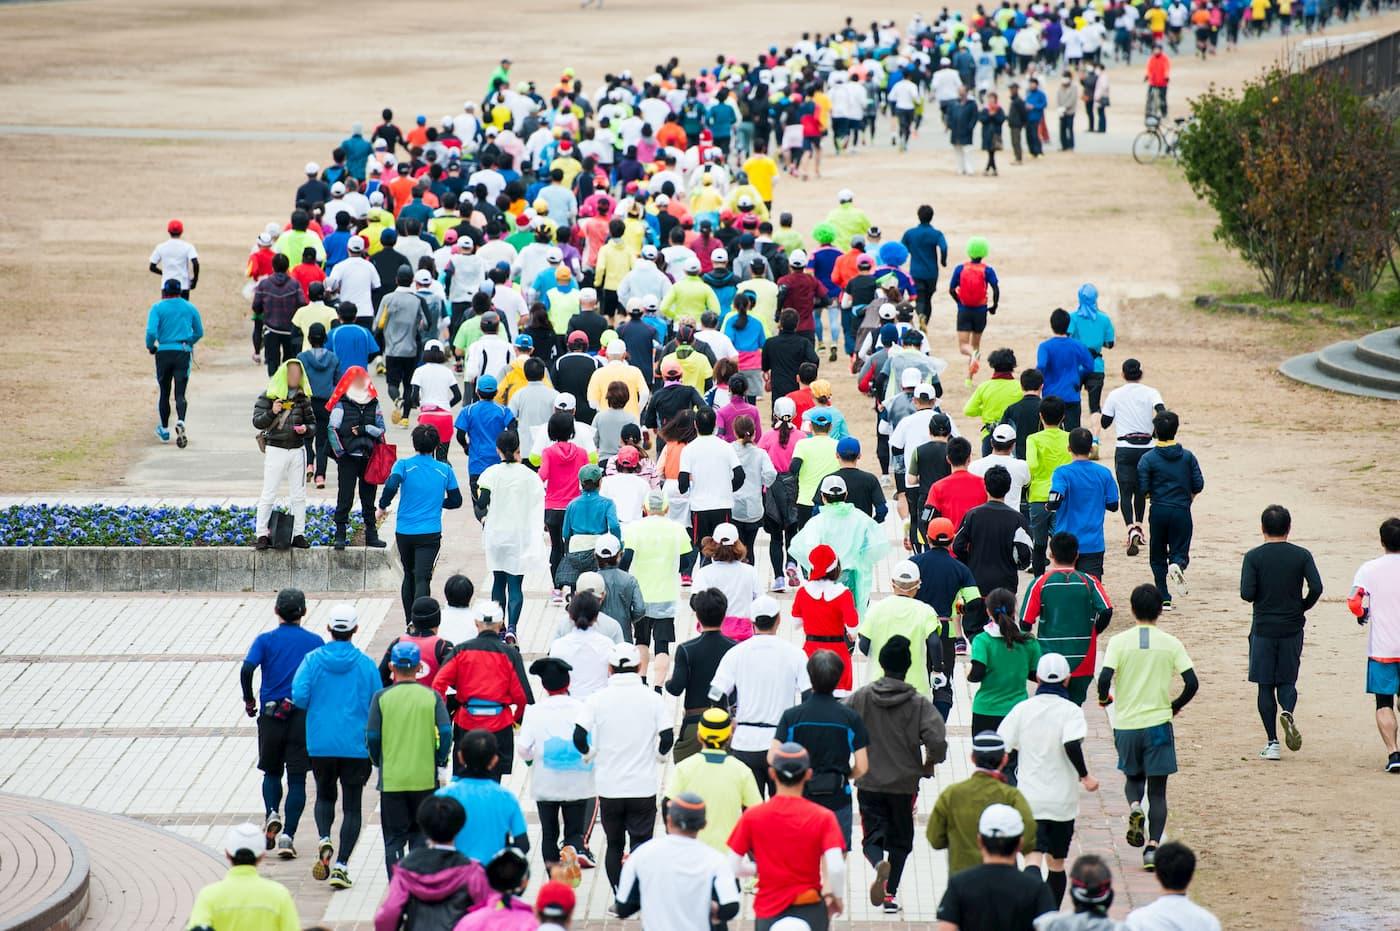 神崎発酵マラソン大会 | 千葉(神崎ふれあいプラザ)